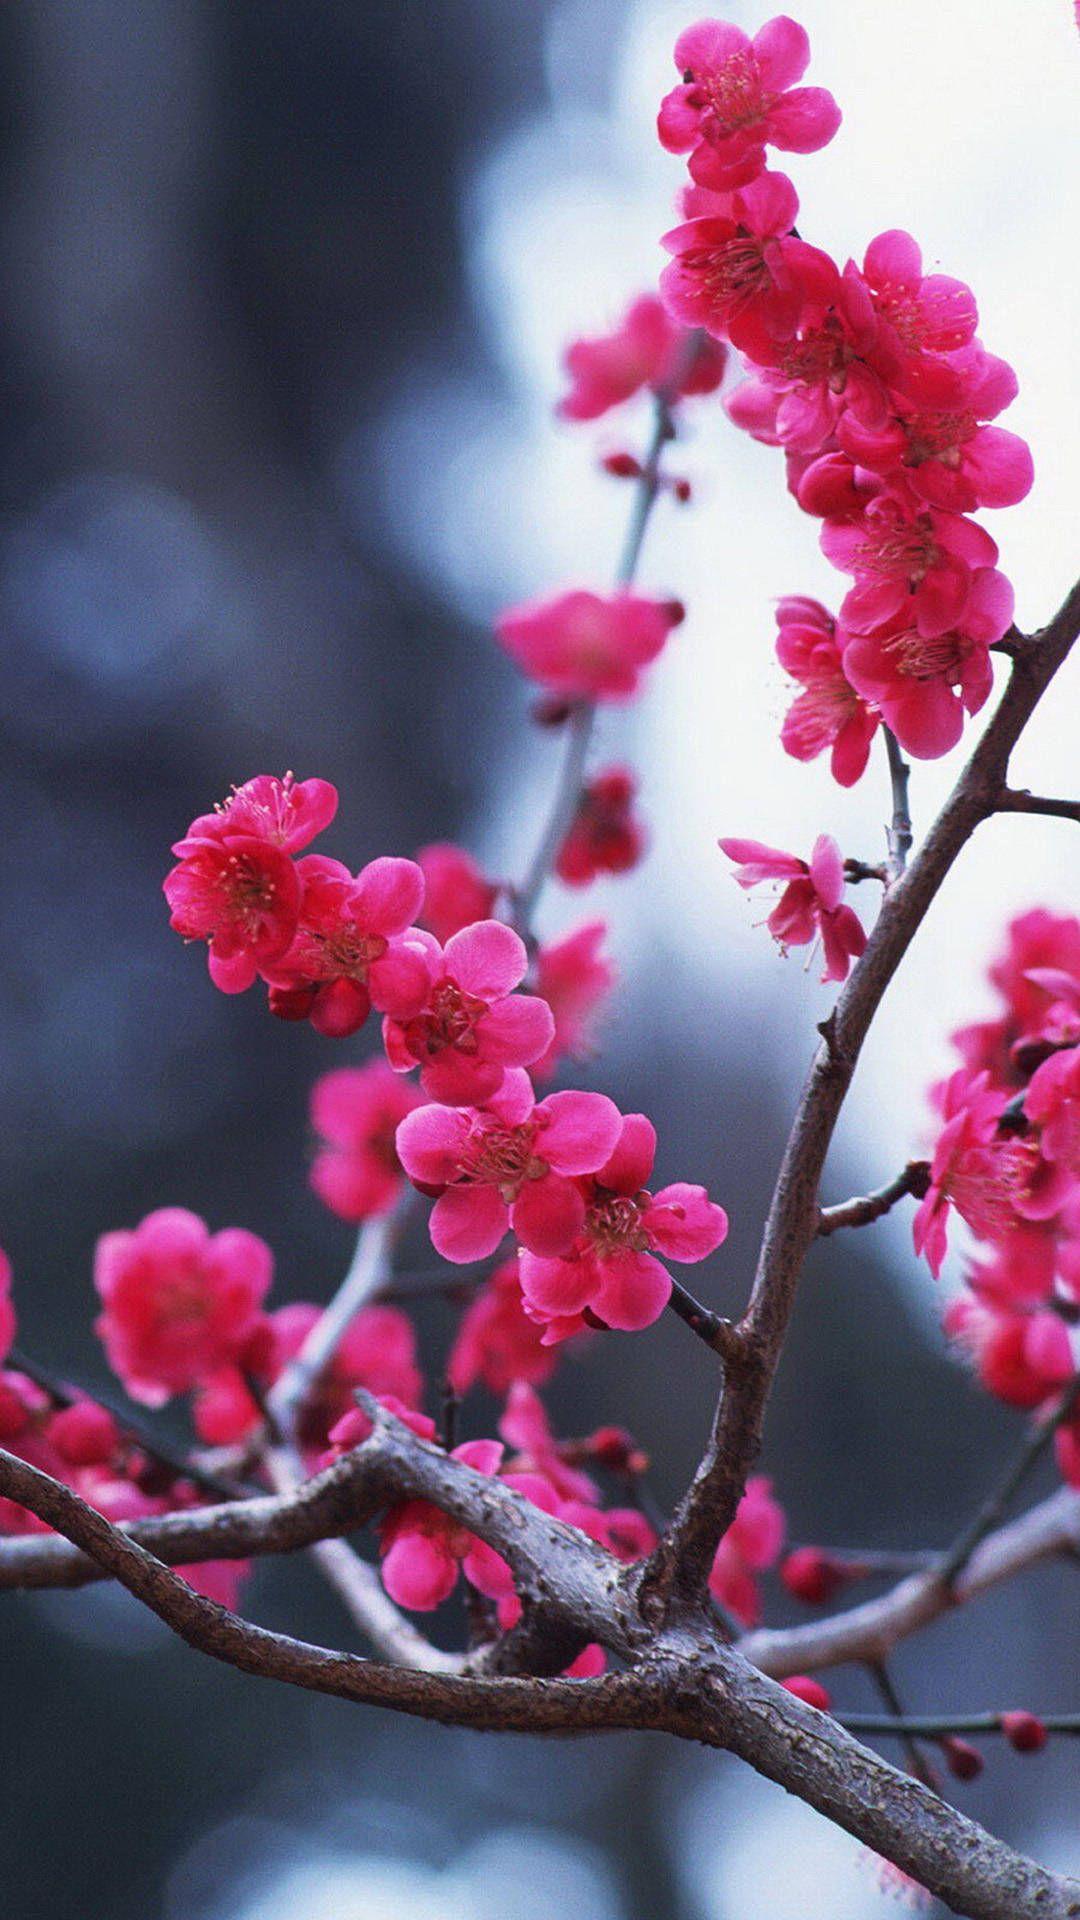 Cherry Blossom iPhone HD Wallpaper Best flower wallpaper